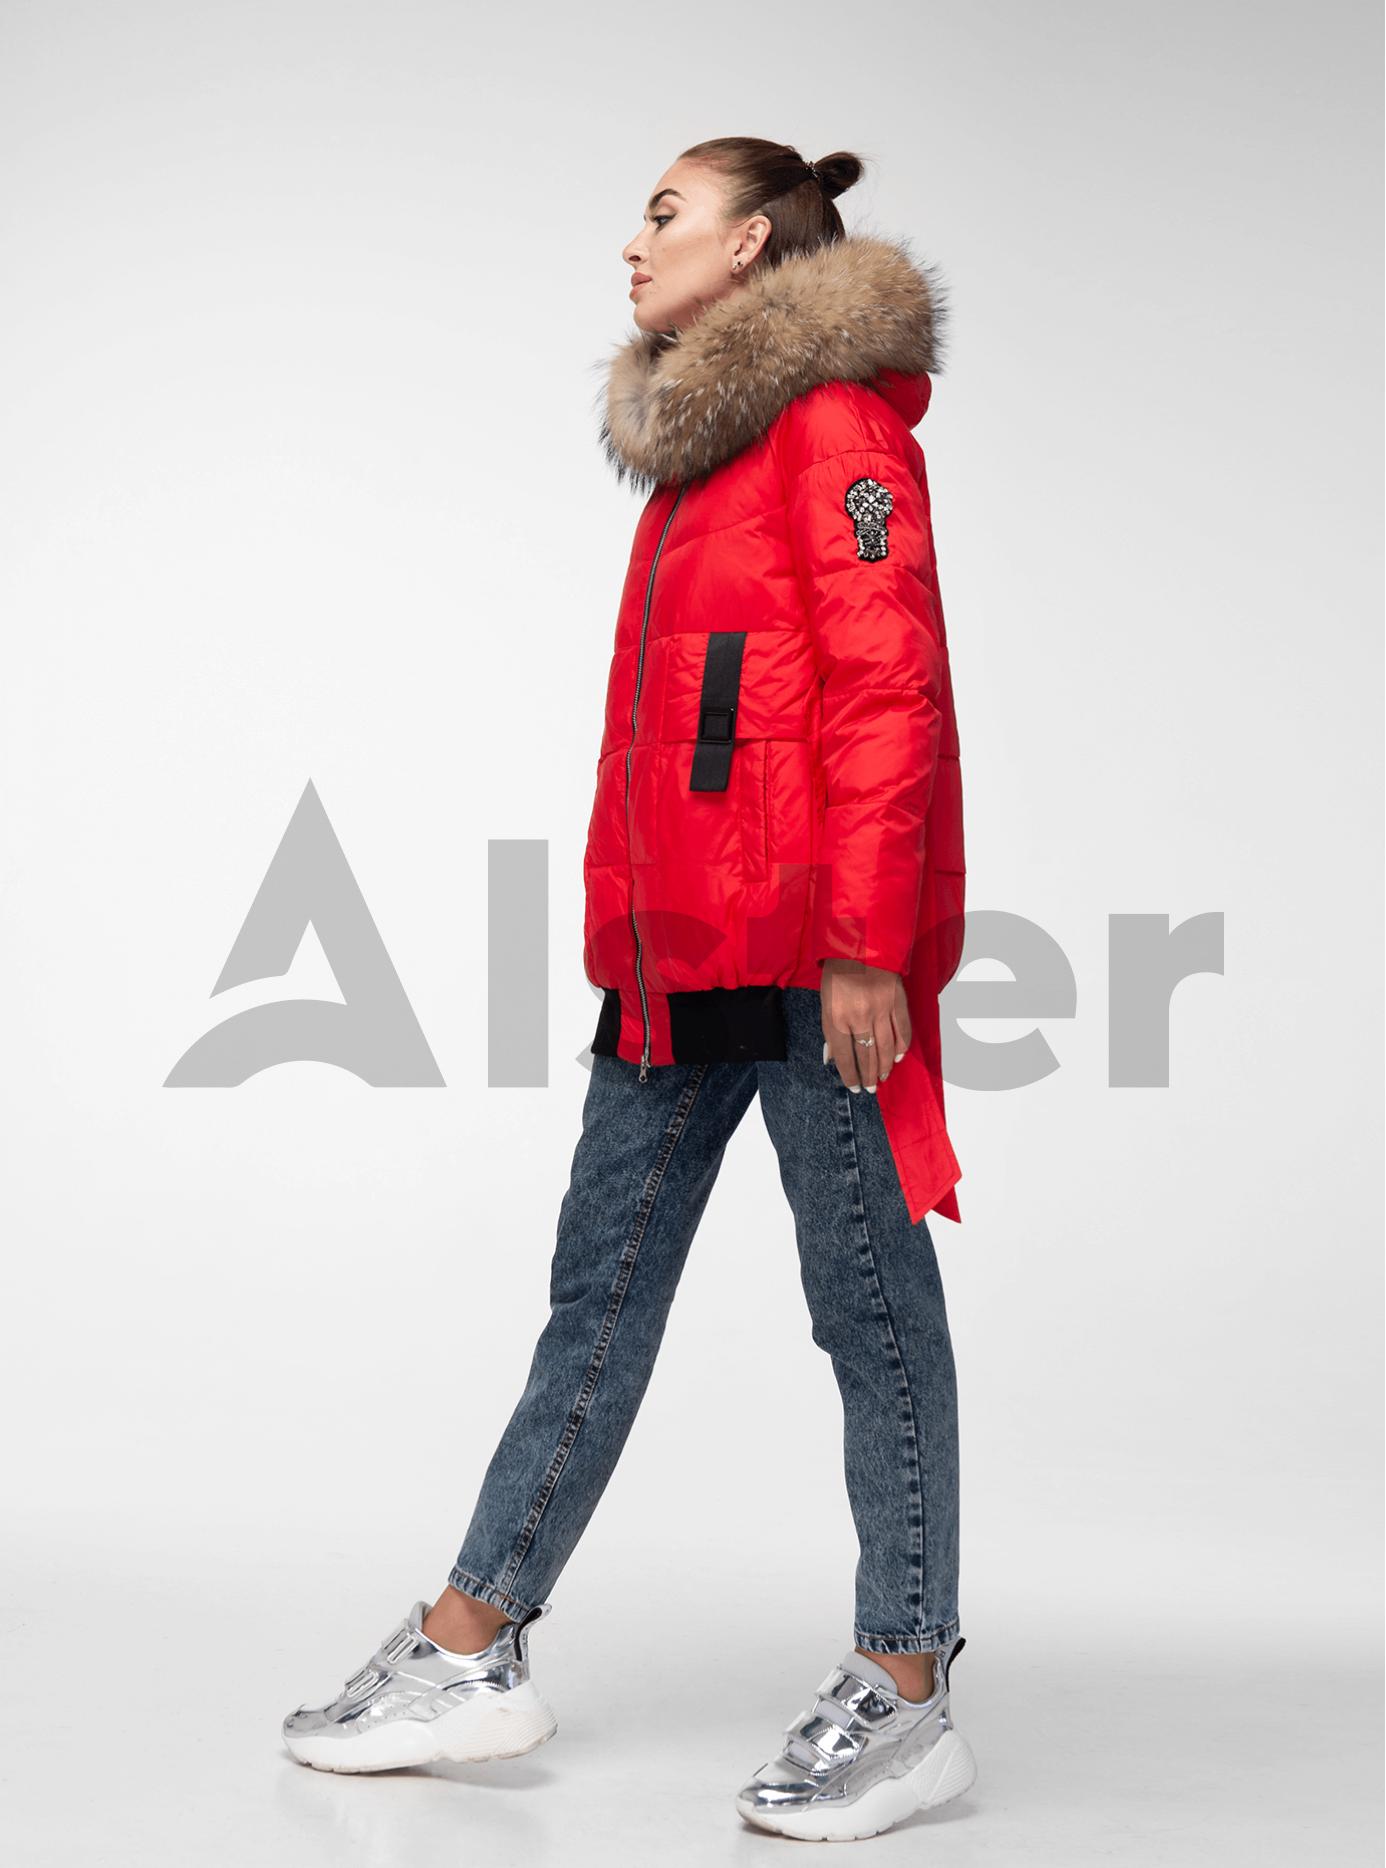 Куртка зимняя с завязками и мехом енота Розовый S (02-V191100): фото - Alster.ua